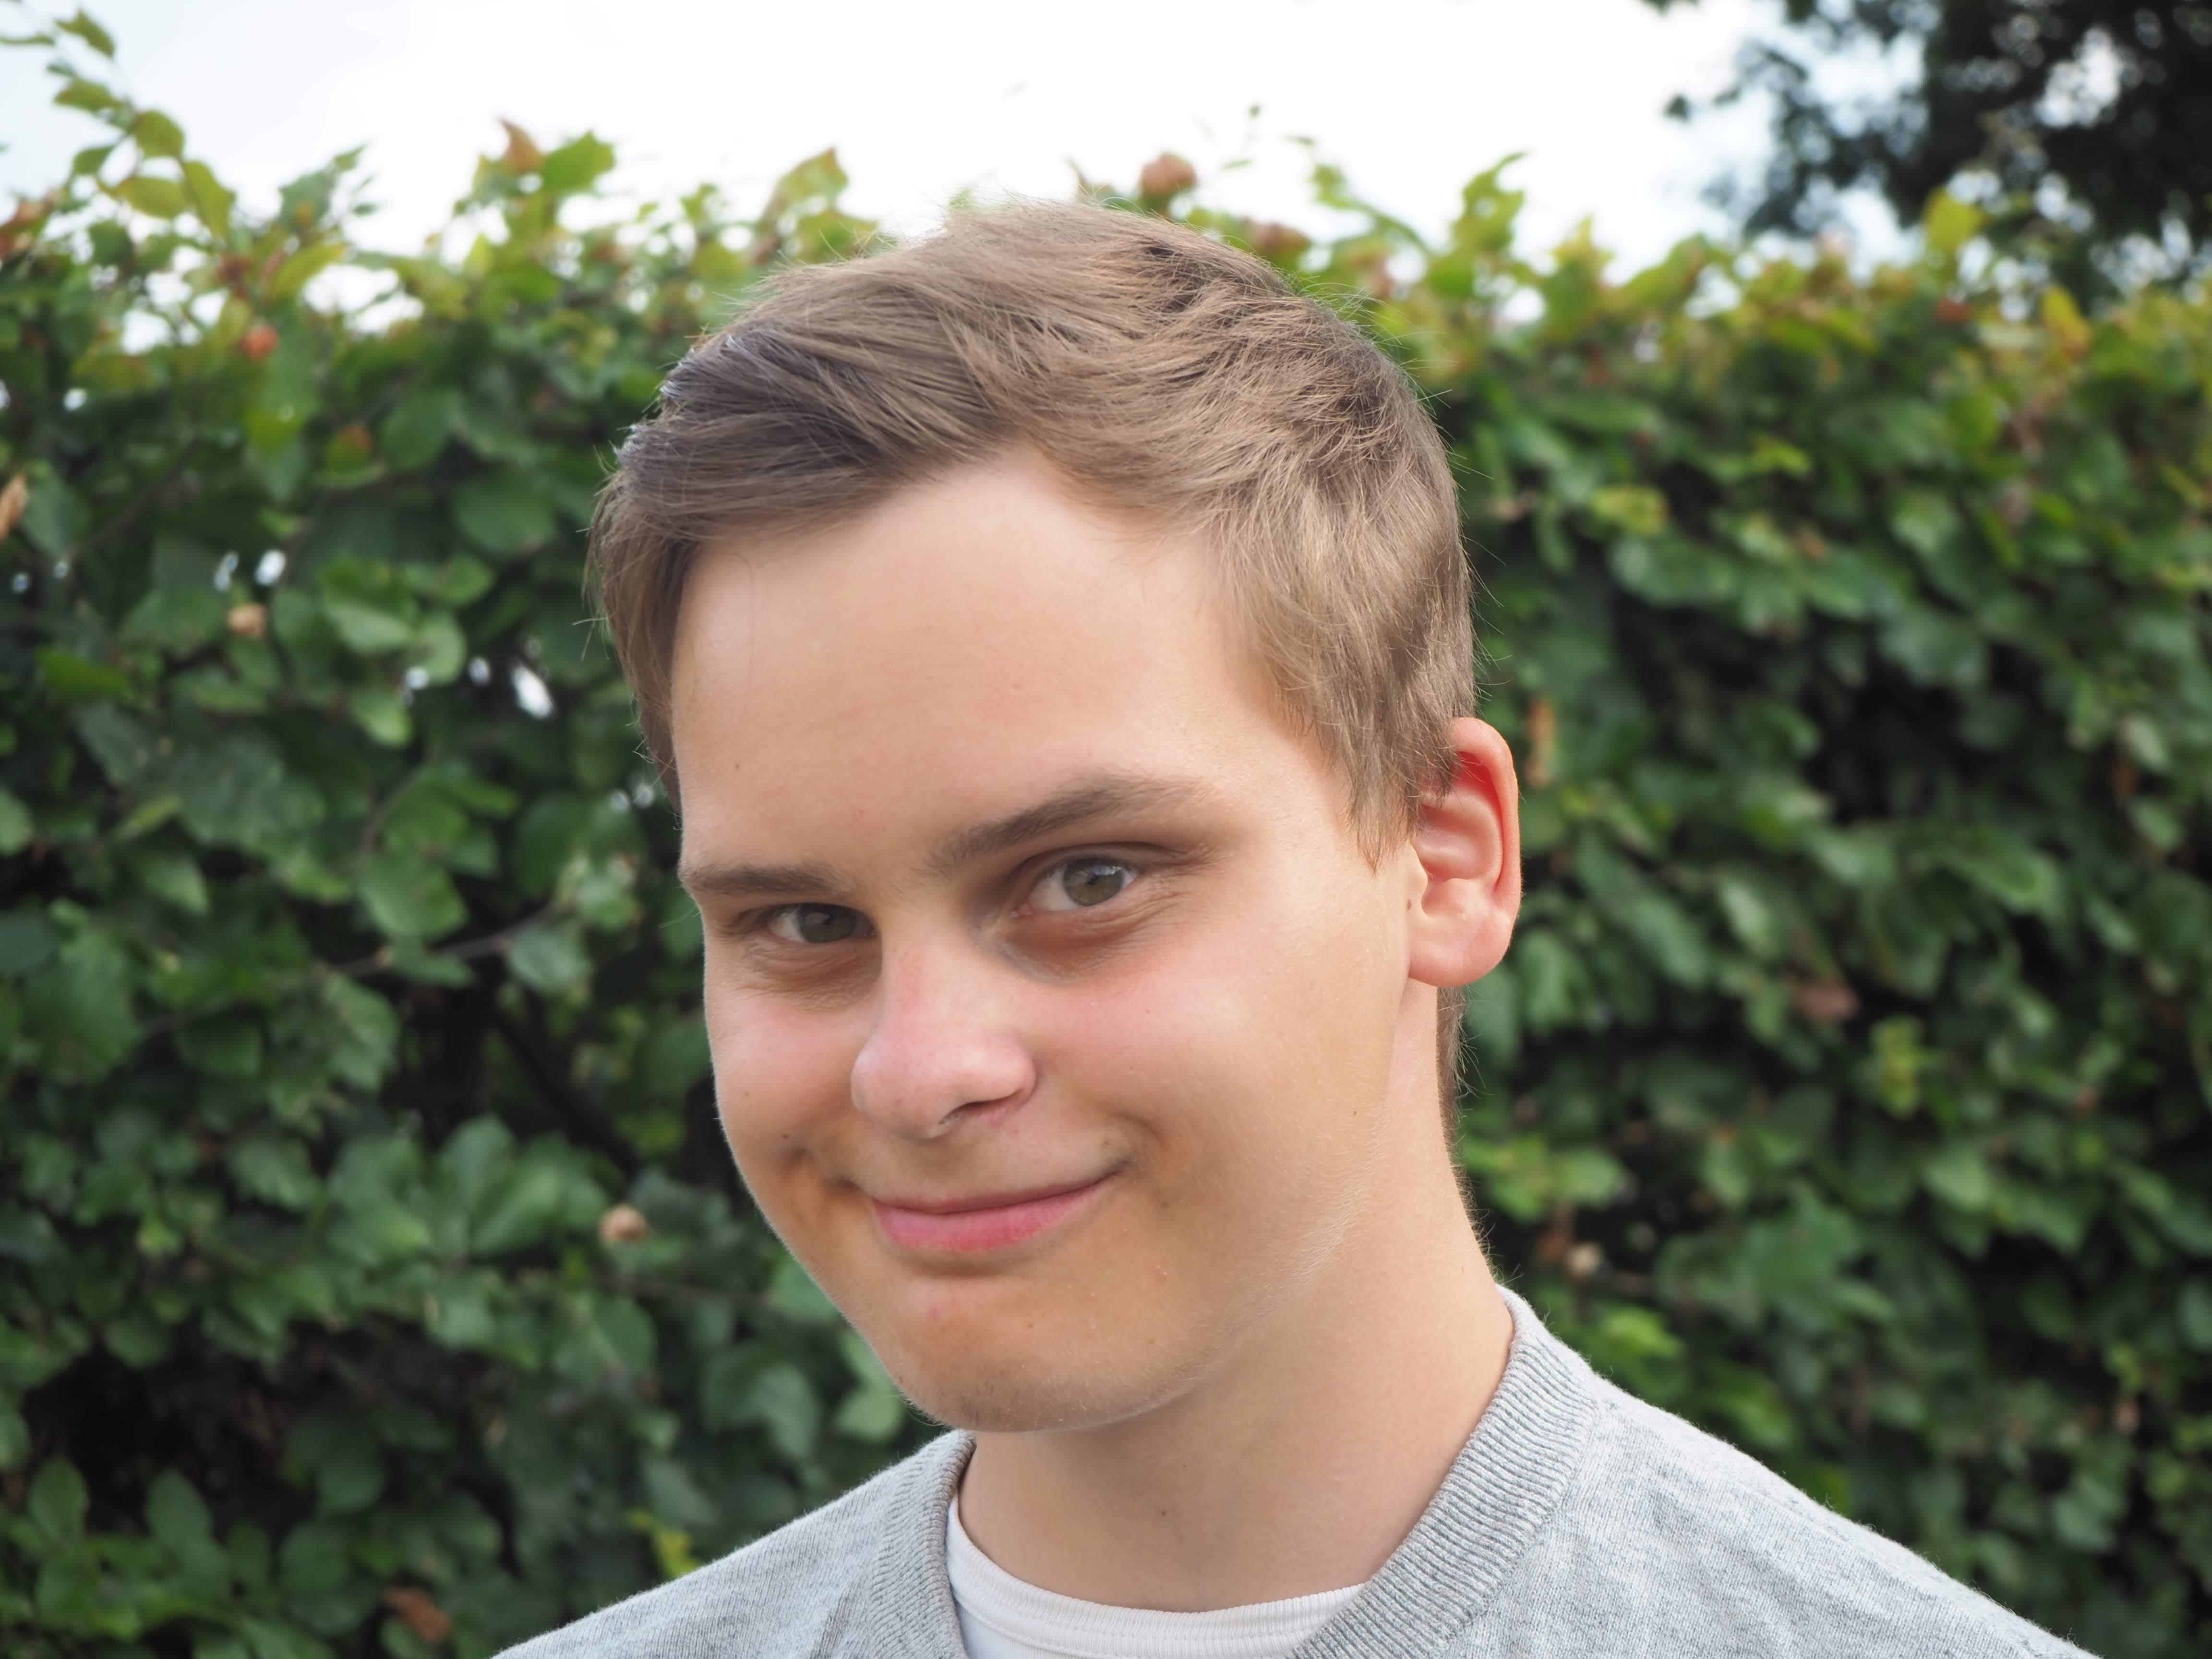 Go to Sebastian Helt's profile